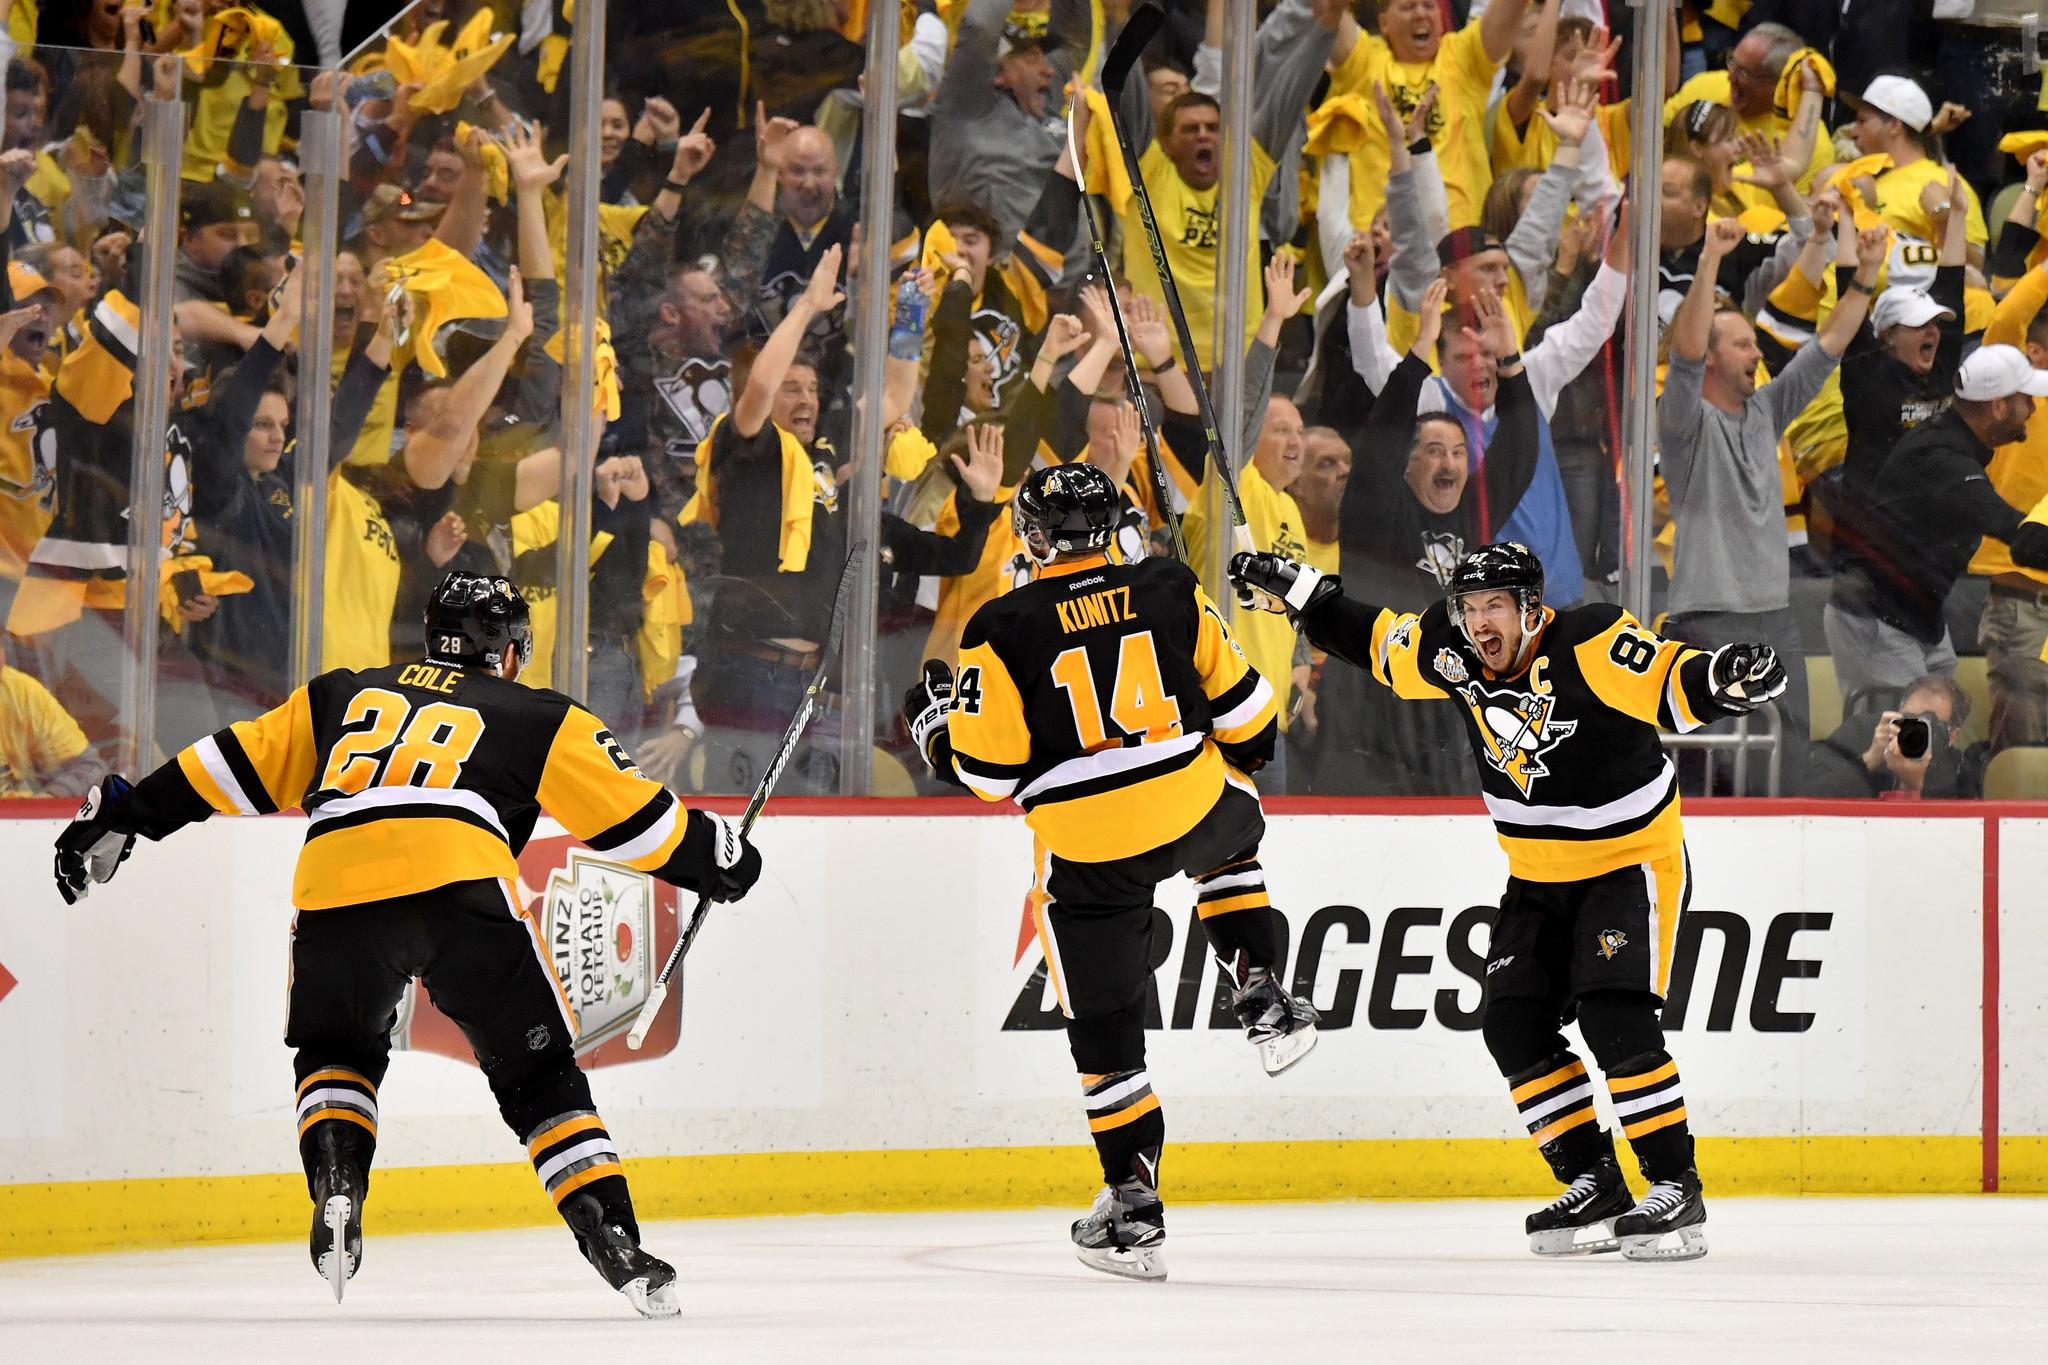 NHL Pre-Game Notes: Pittsburgh Penguins vs. Ottawa Senators